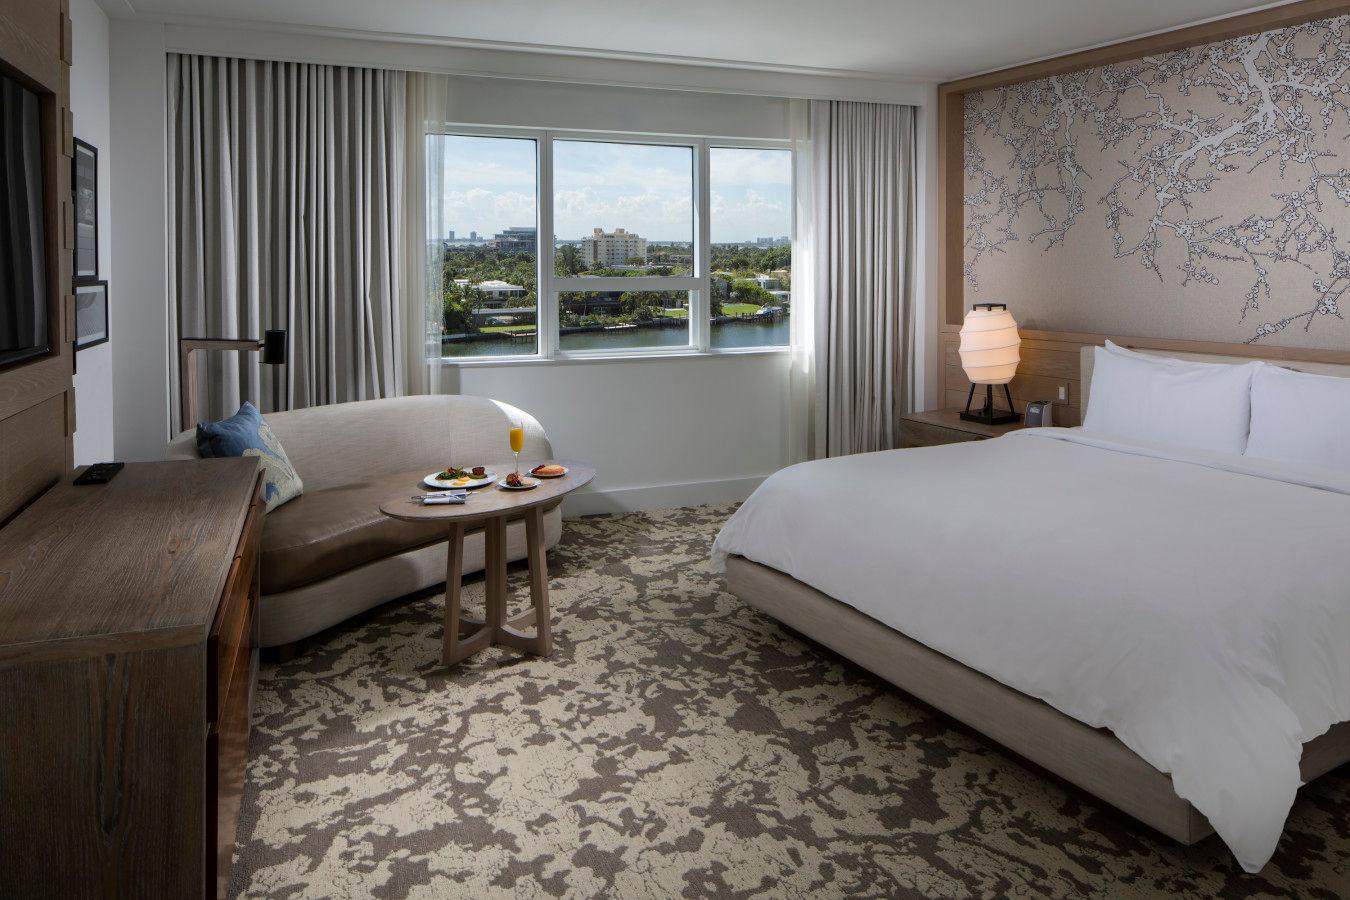 Deluxe King Bay View - Nobu HotelMiami Beach